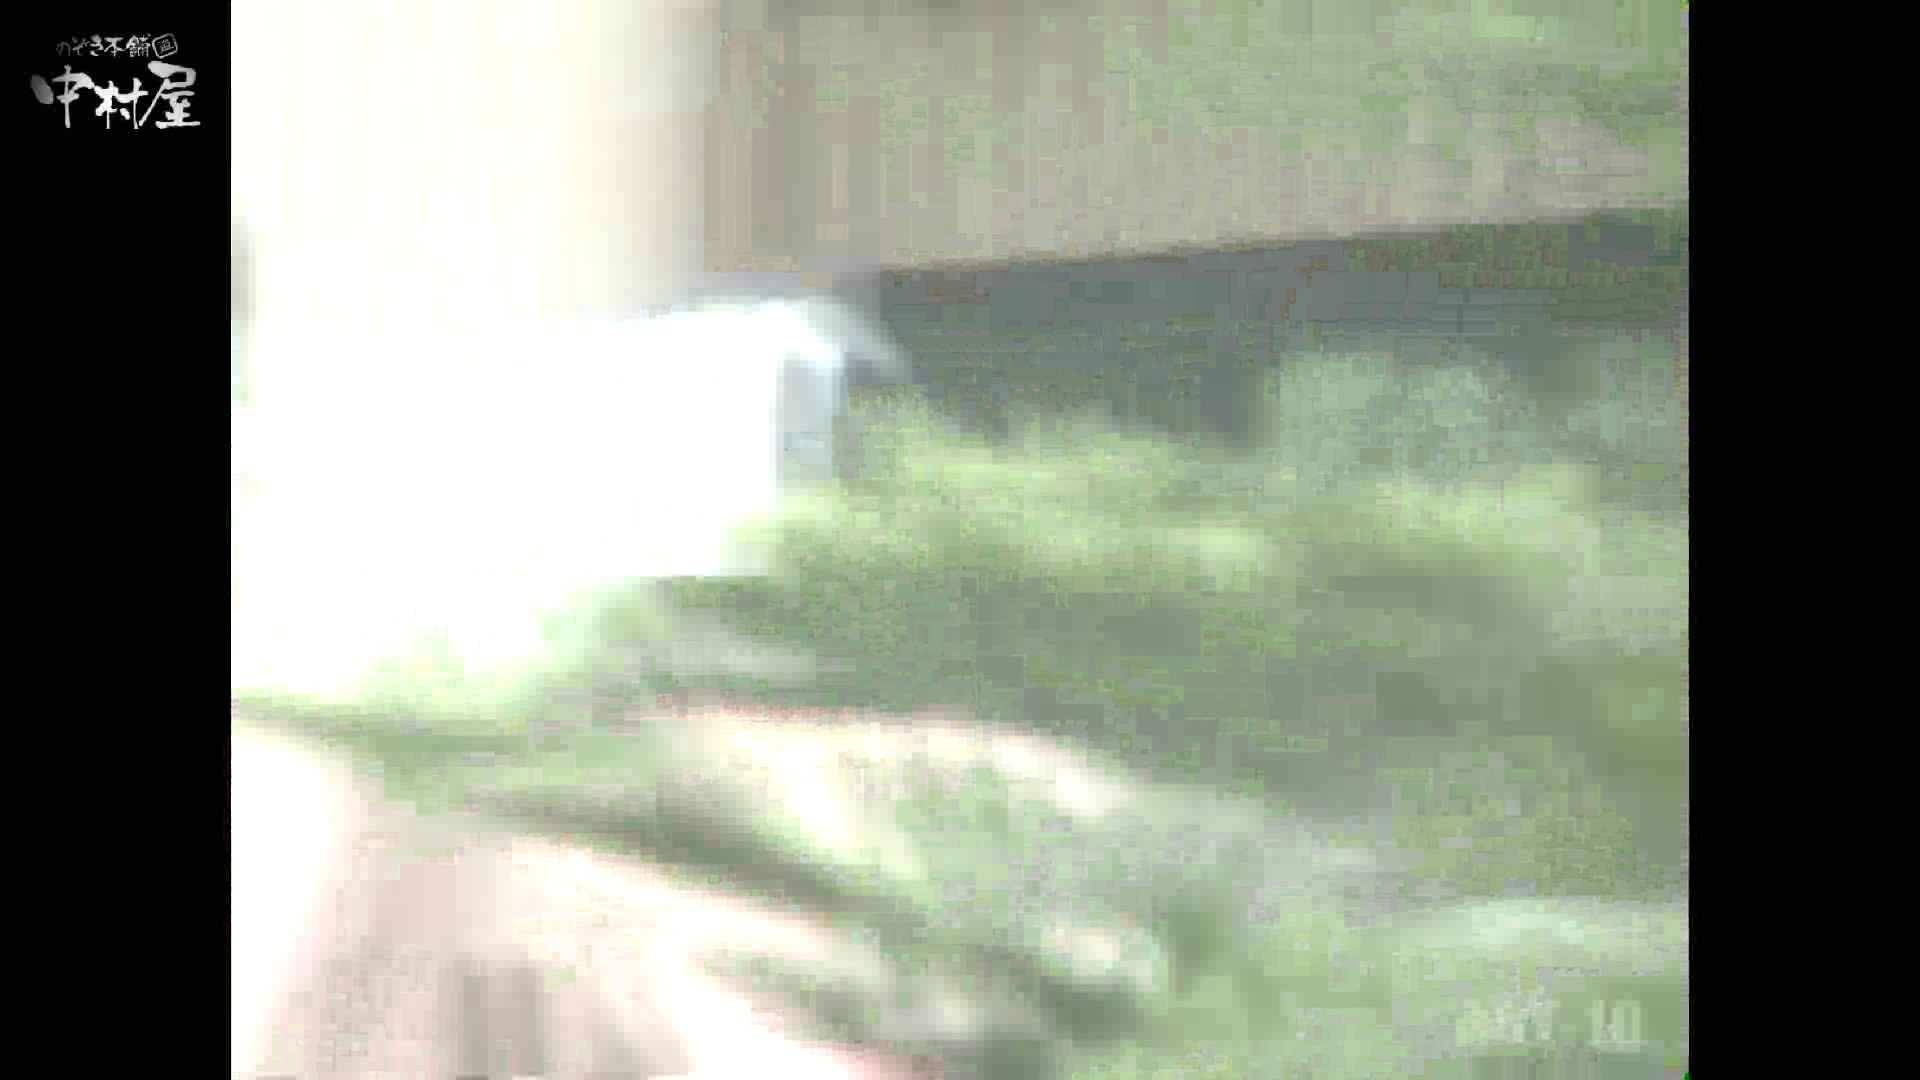 Aquaな露天風呂Vol.874潜入盗撮露天風呂十判湯 其の四 女体盗撮 盗撮アダルト動画キャプチャ 107連発 91